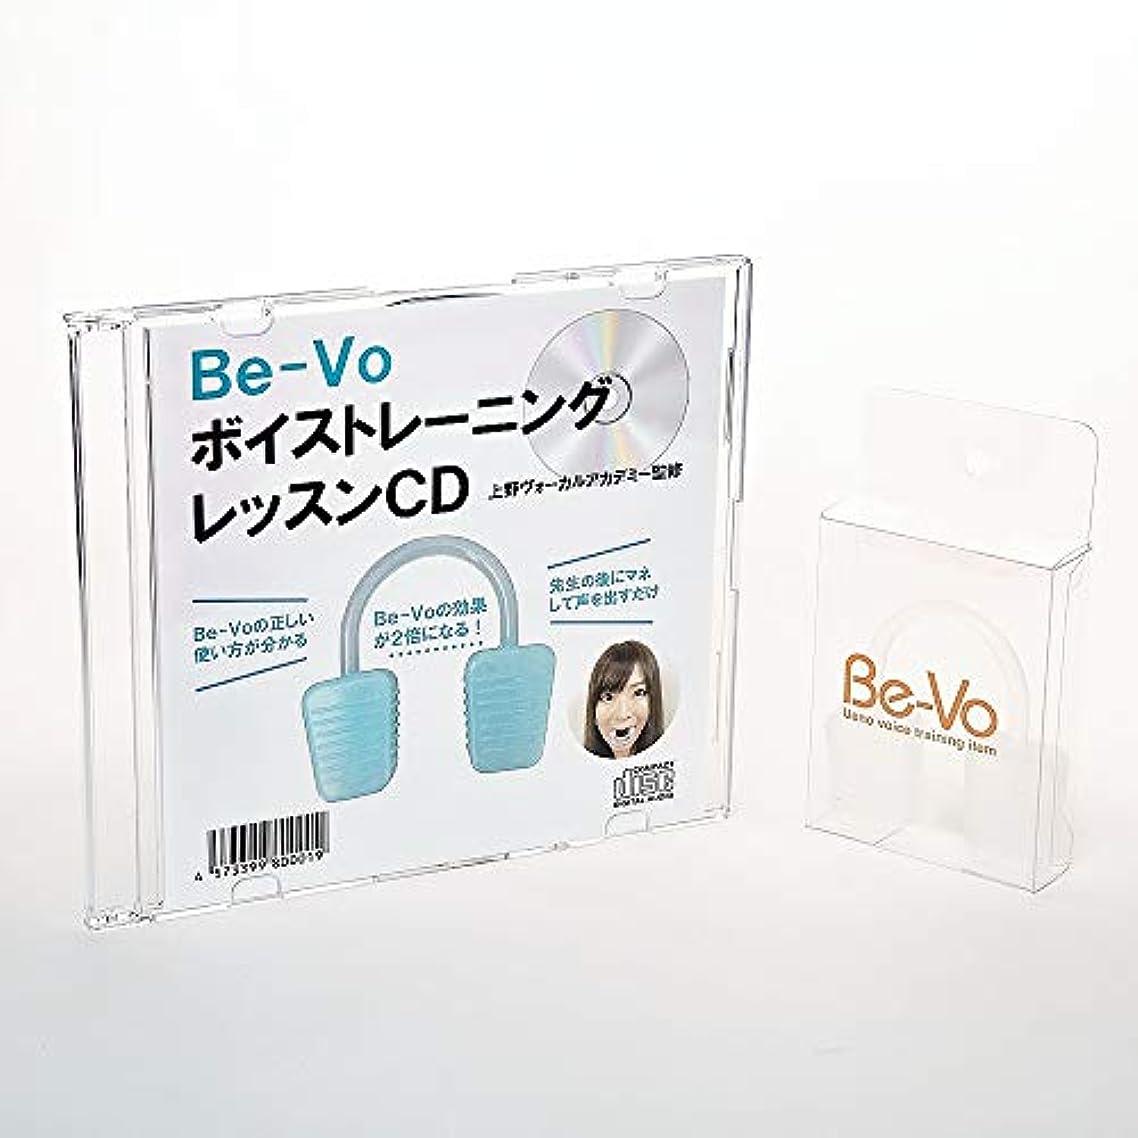 と闘うダウンタウンネクタイBe-Vo CD セット ホワイト|ボイストレーニング器具Be-Vo(ビーボ)+Be-VoボイストレーニングレッスンCD2点セット